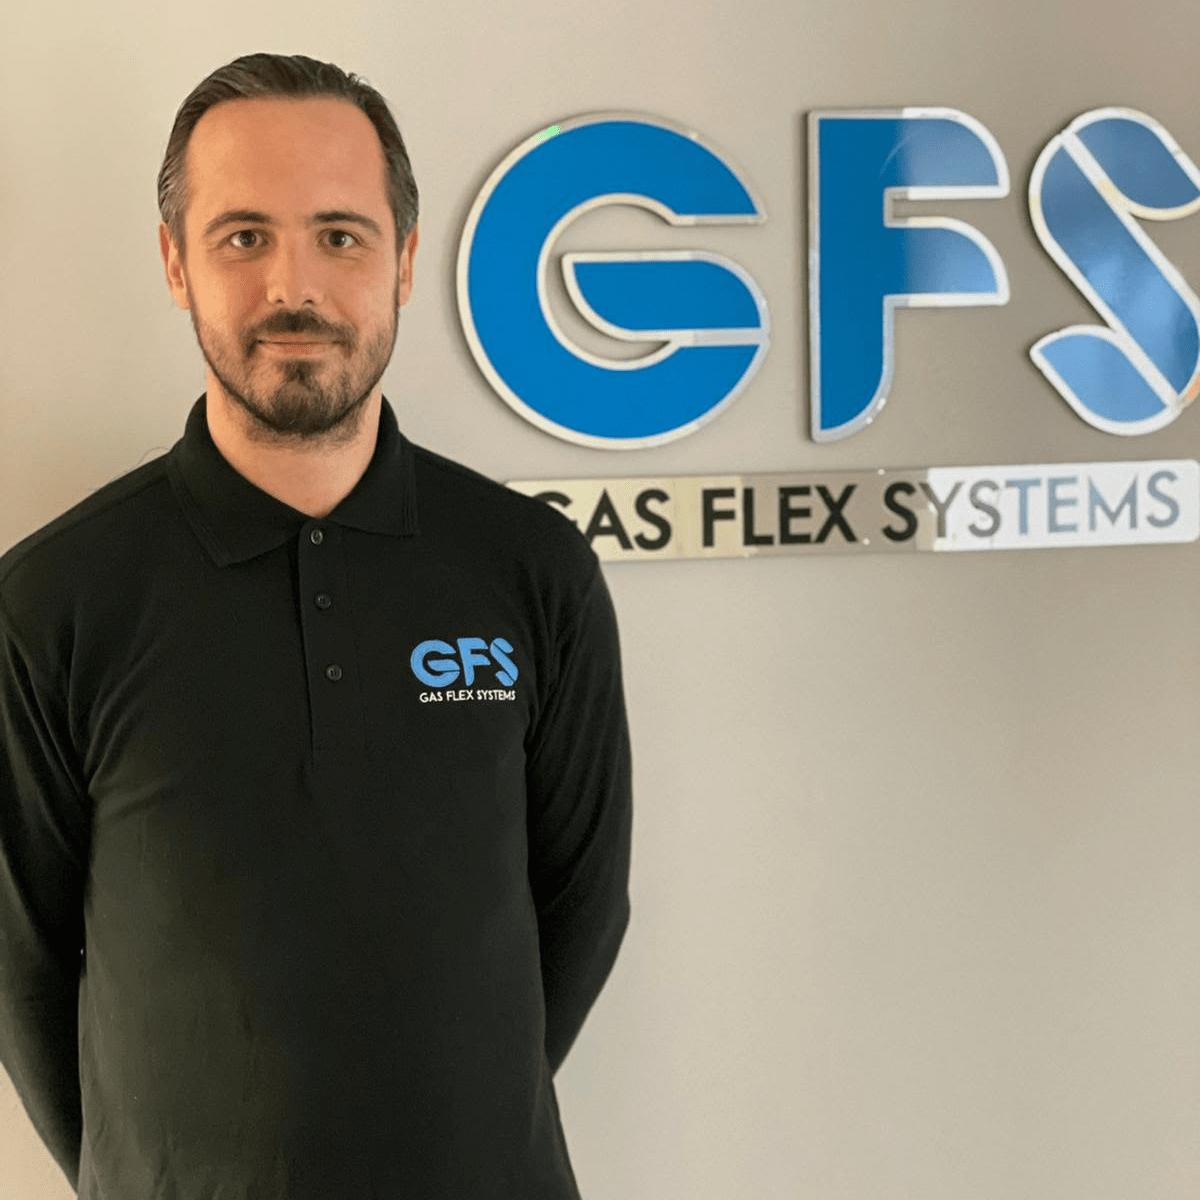 GFS CSST expert Dan Gilmore joins GFS